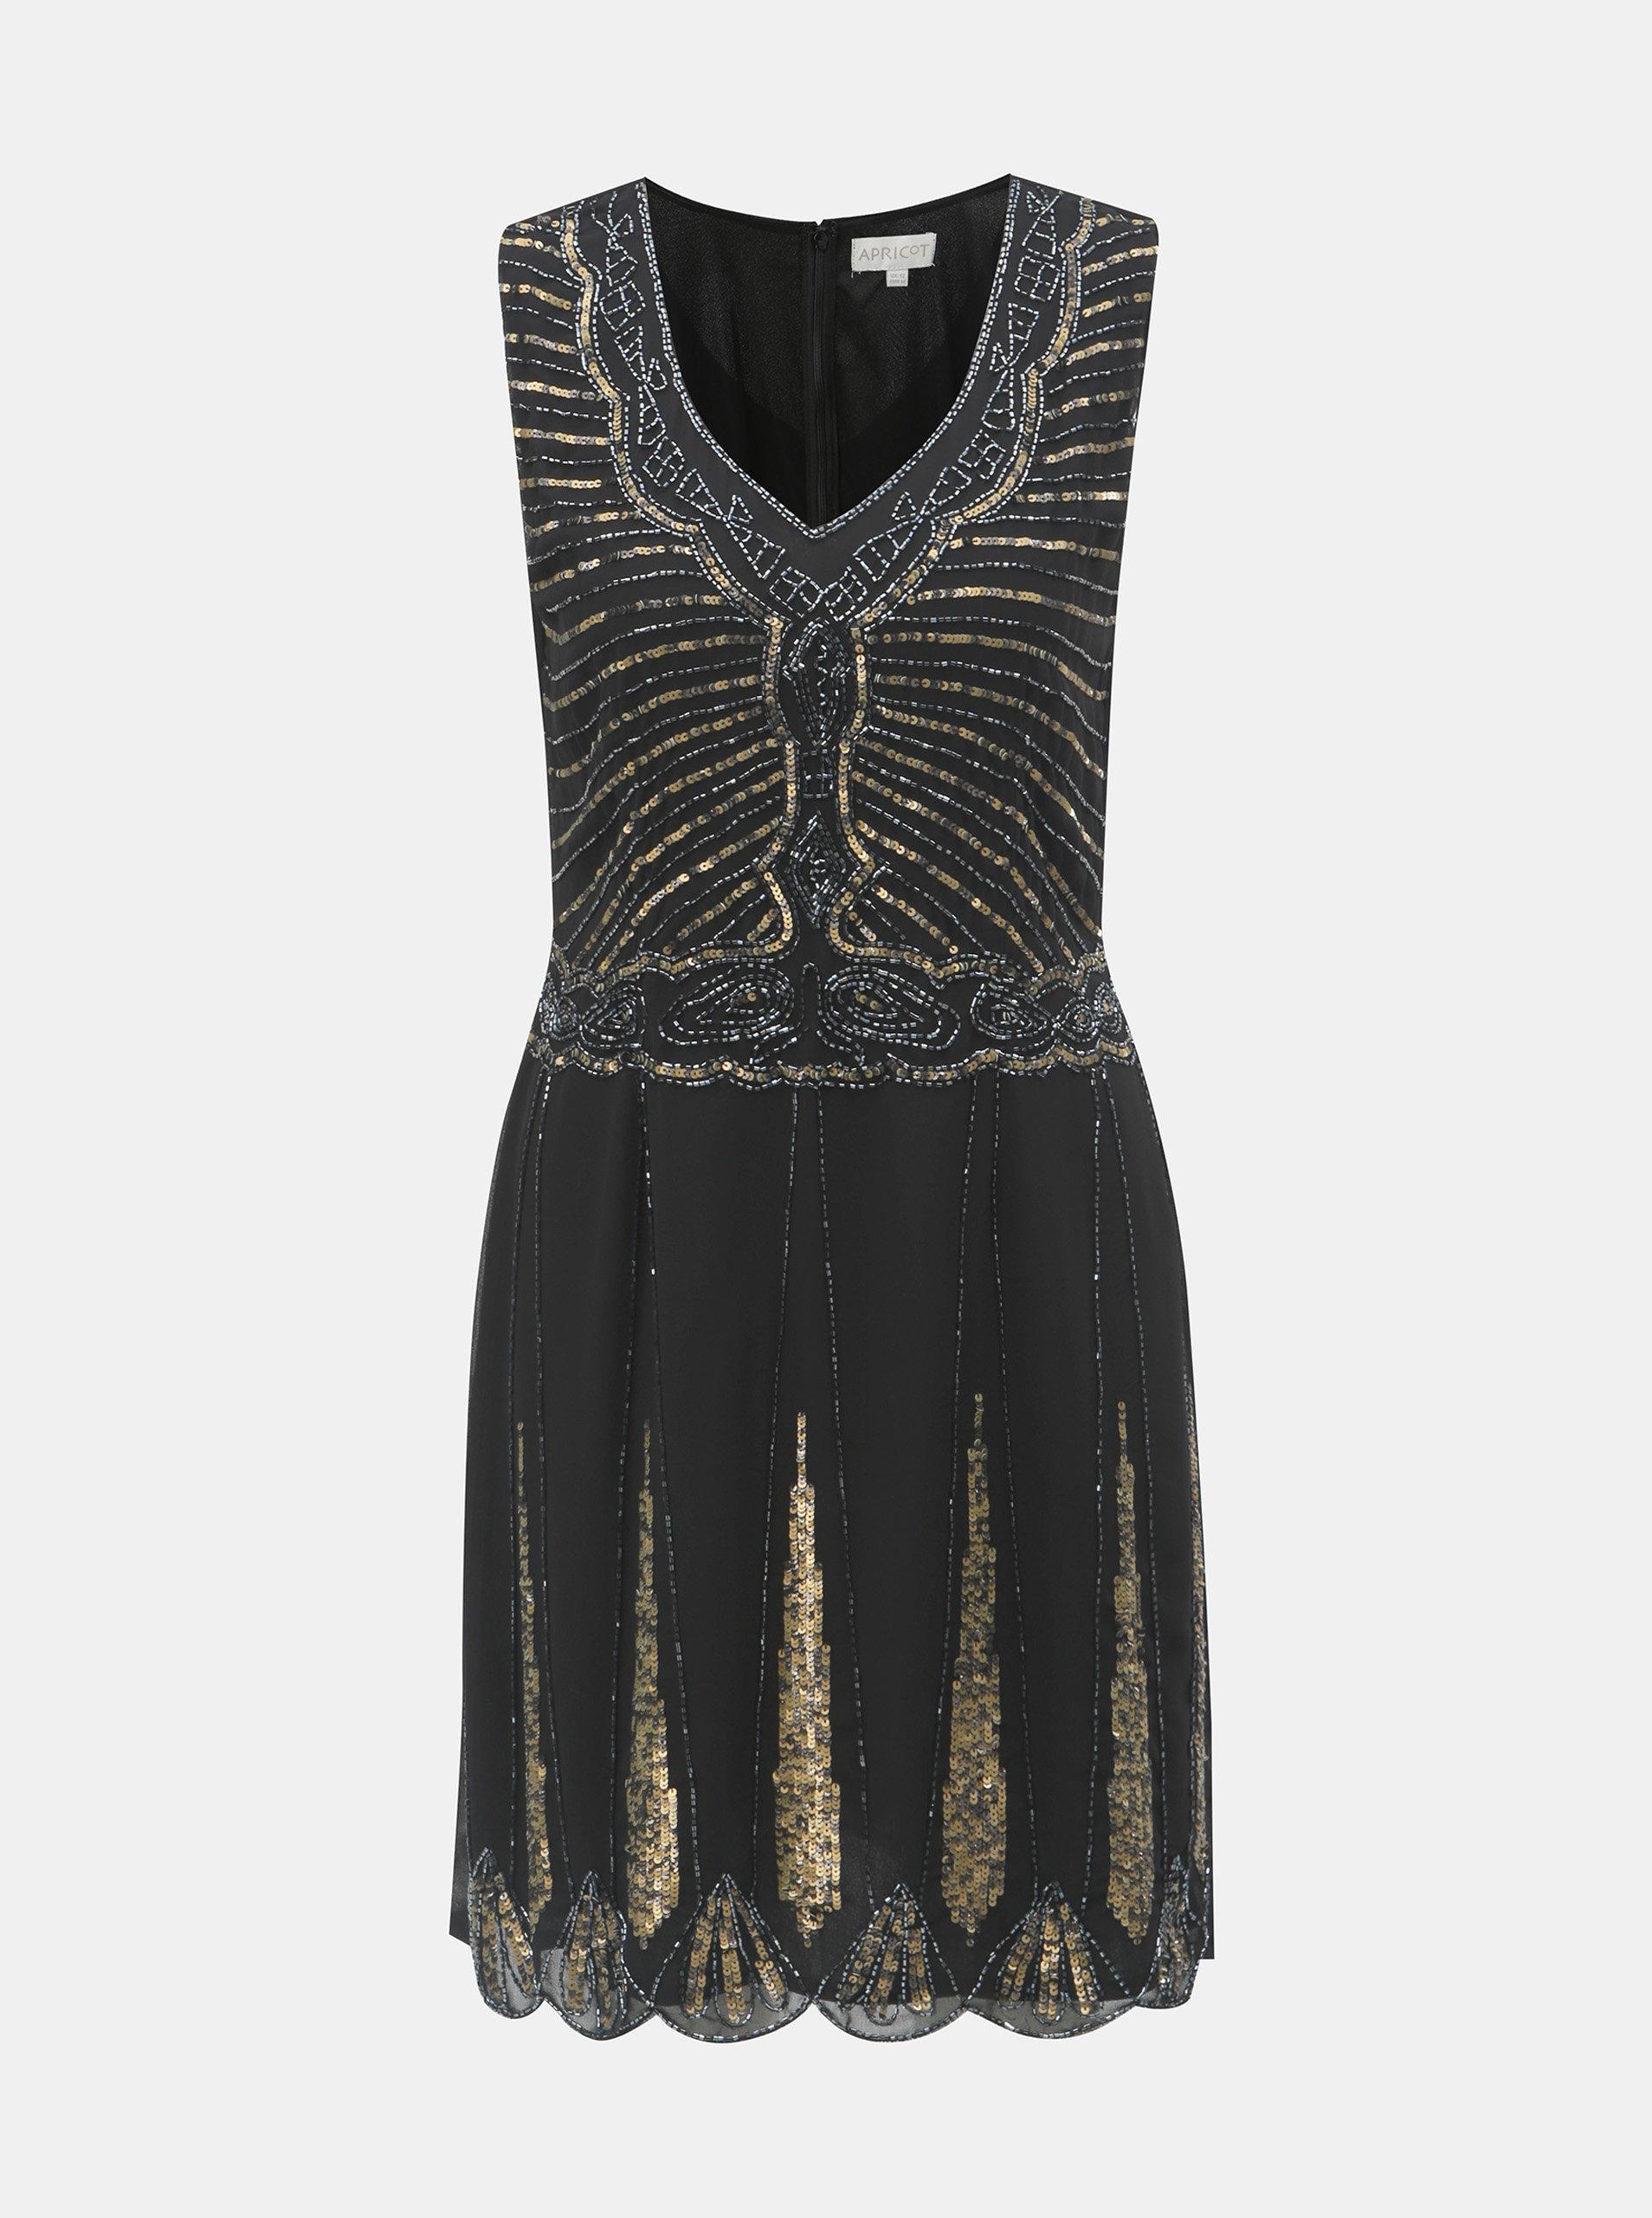 a4e8357e5f Čierne šaty s ozdobnými korálkami a flitrami Apricot ...